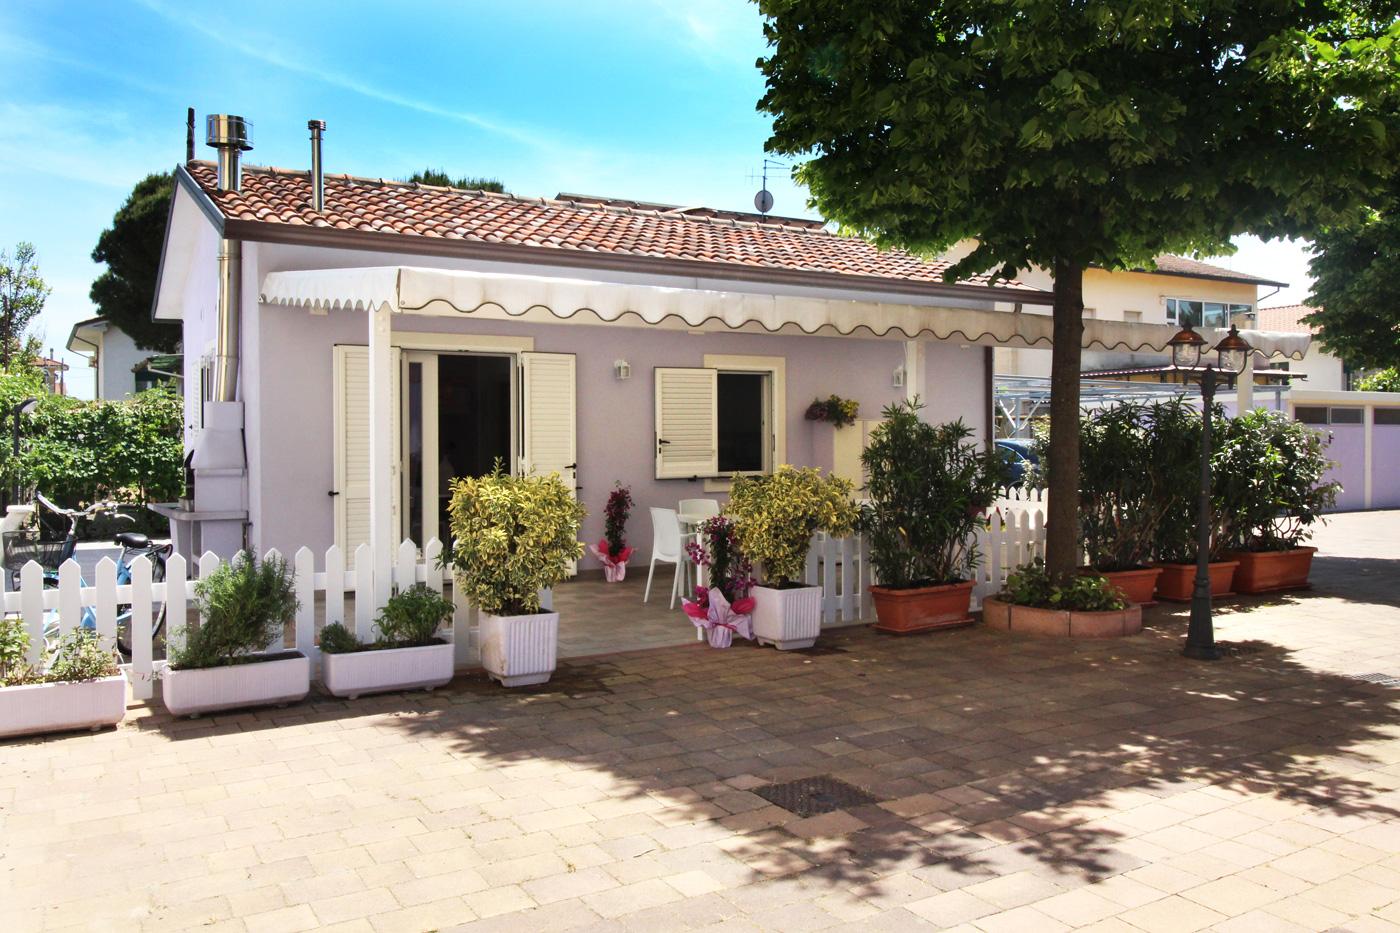 Appartamento la casina di gatteo_romagna case vacanze_IMG_8289